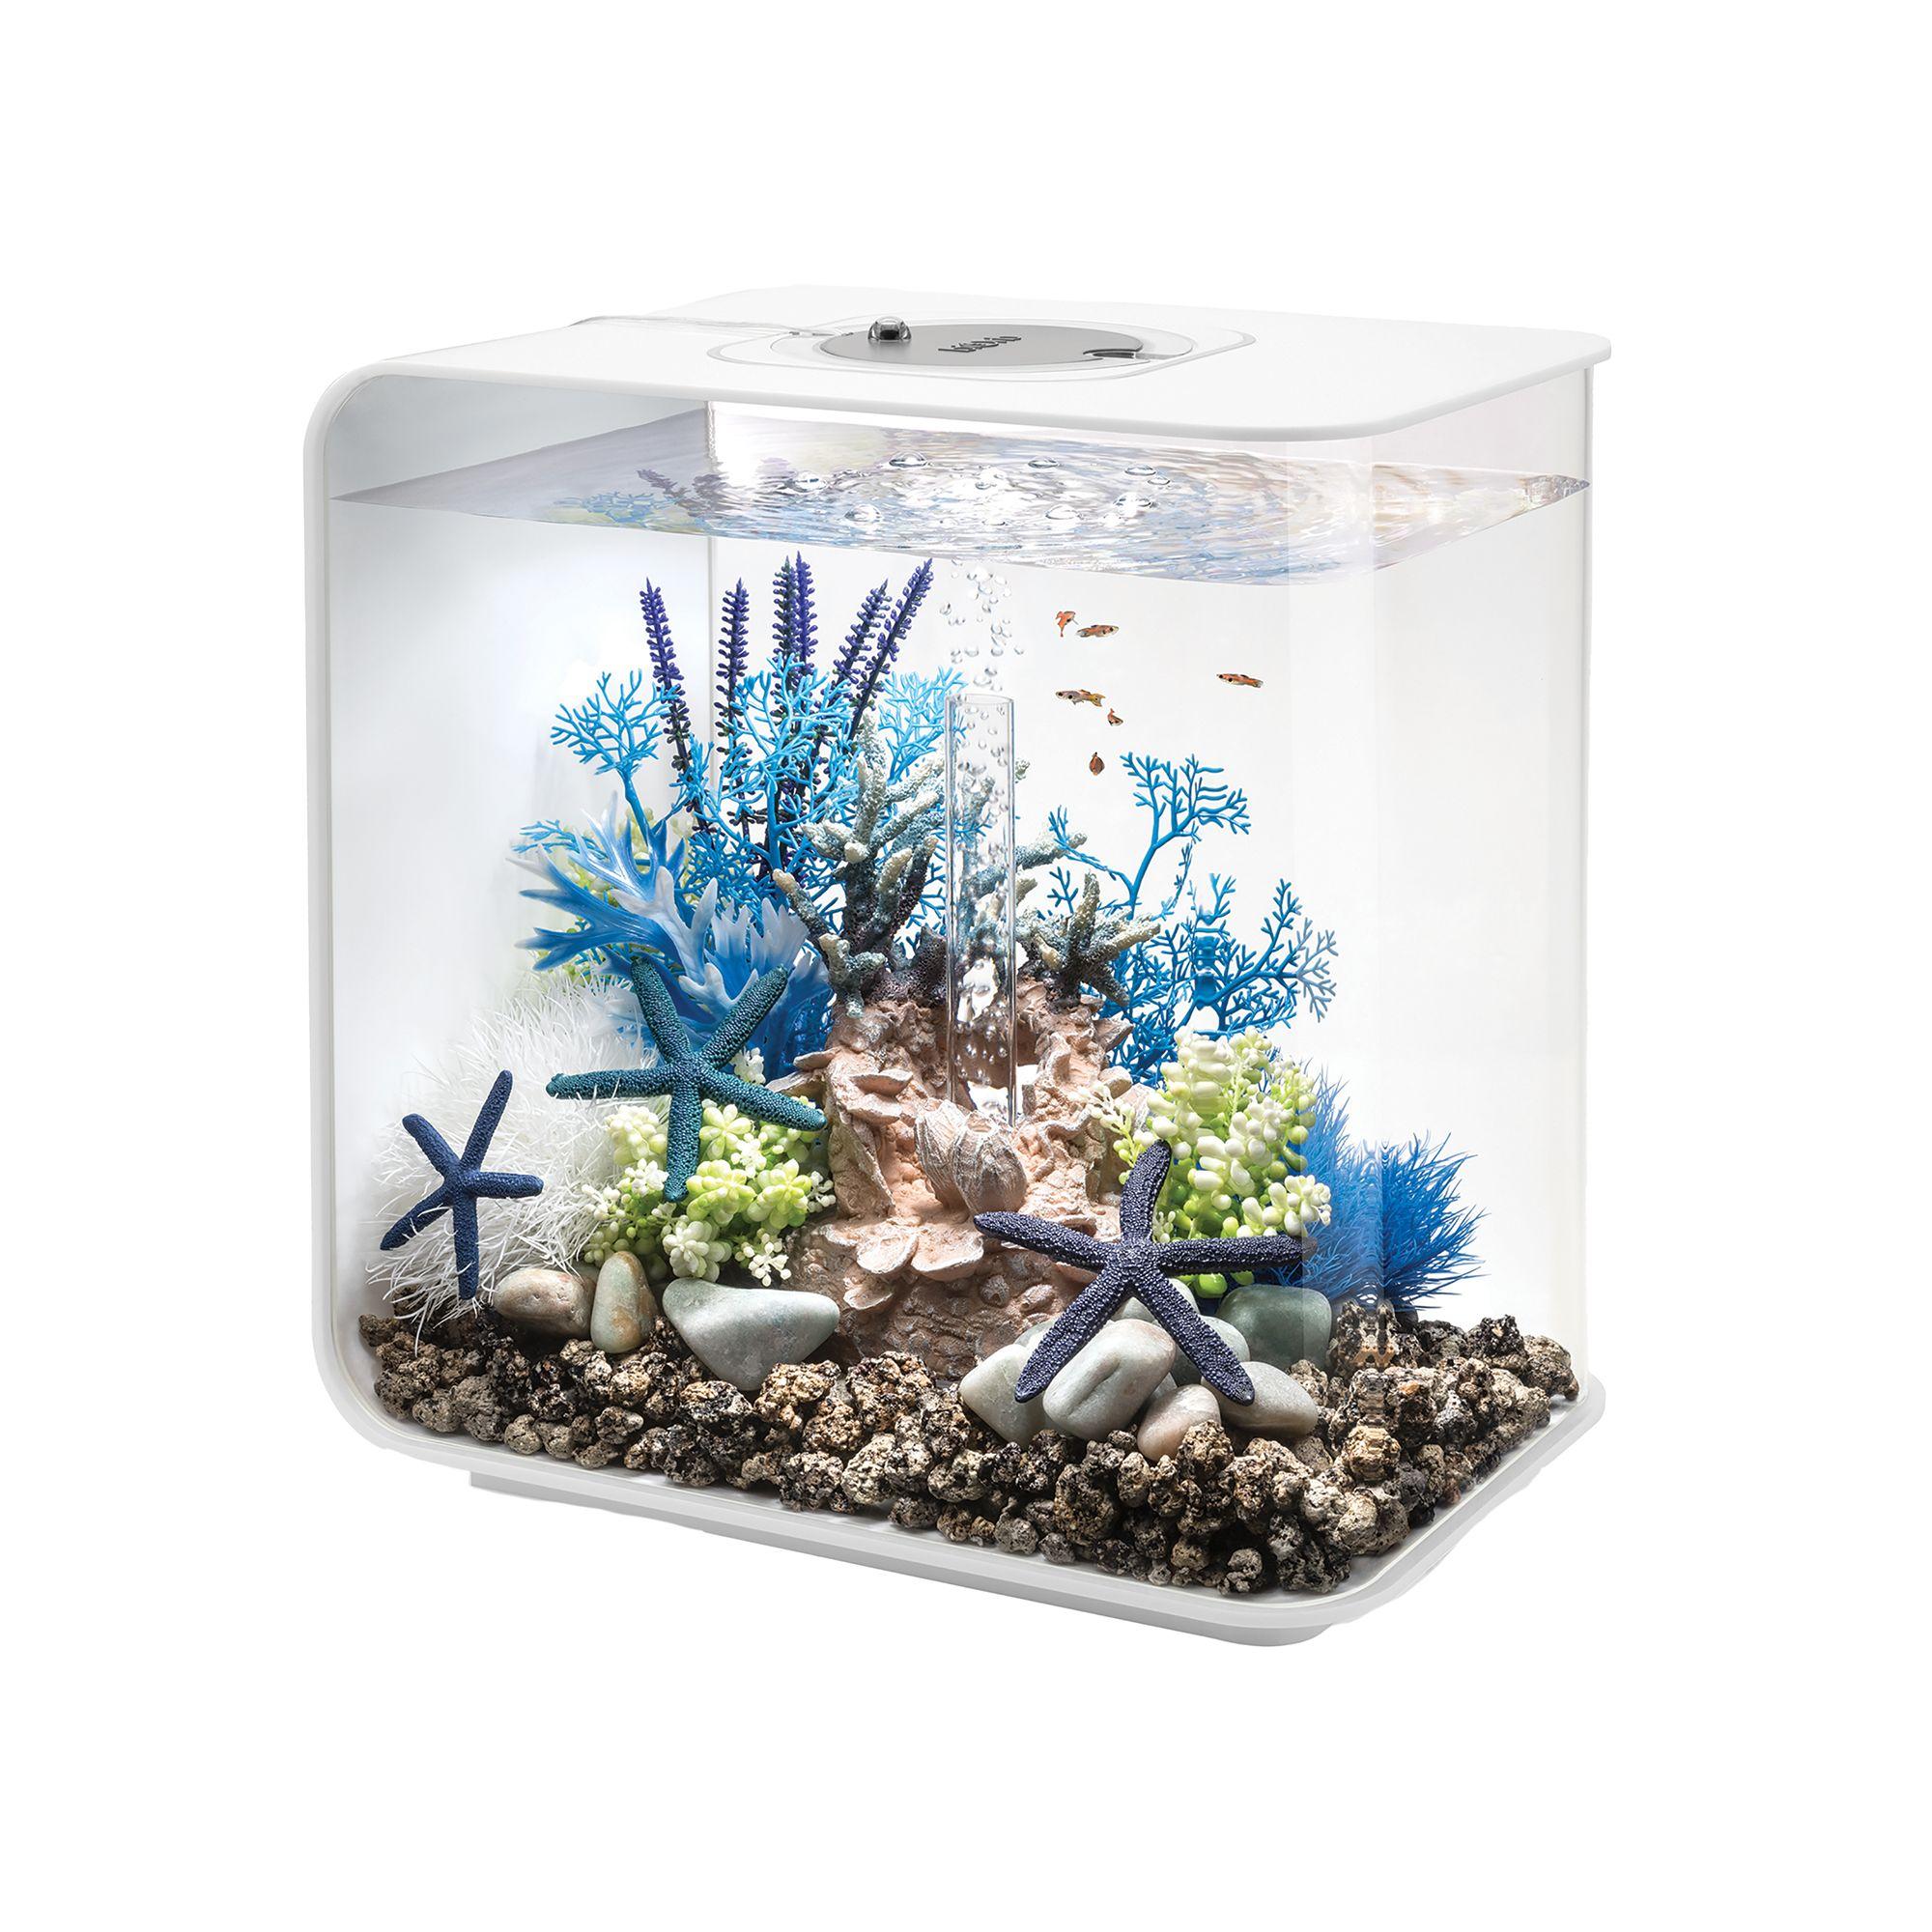 Biorb Flow 8 Gallon Led Aquarium White